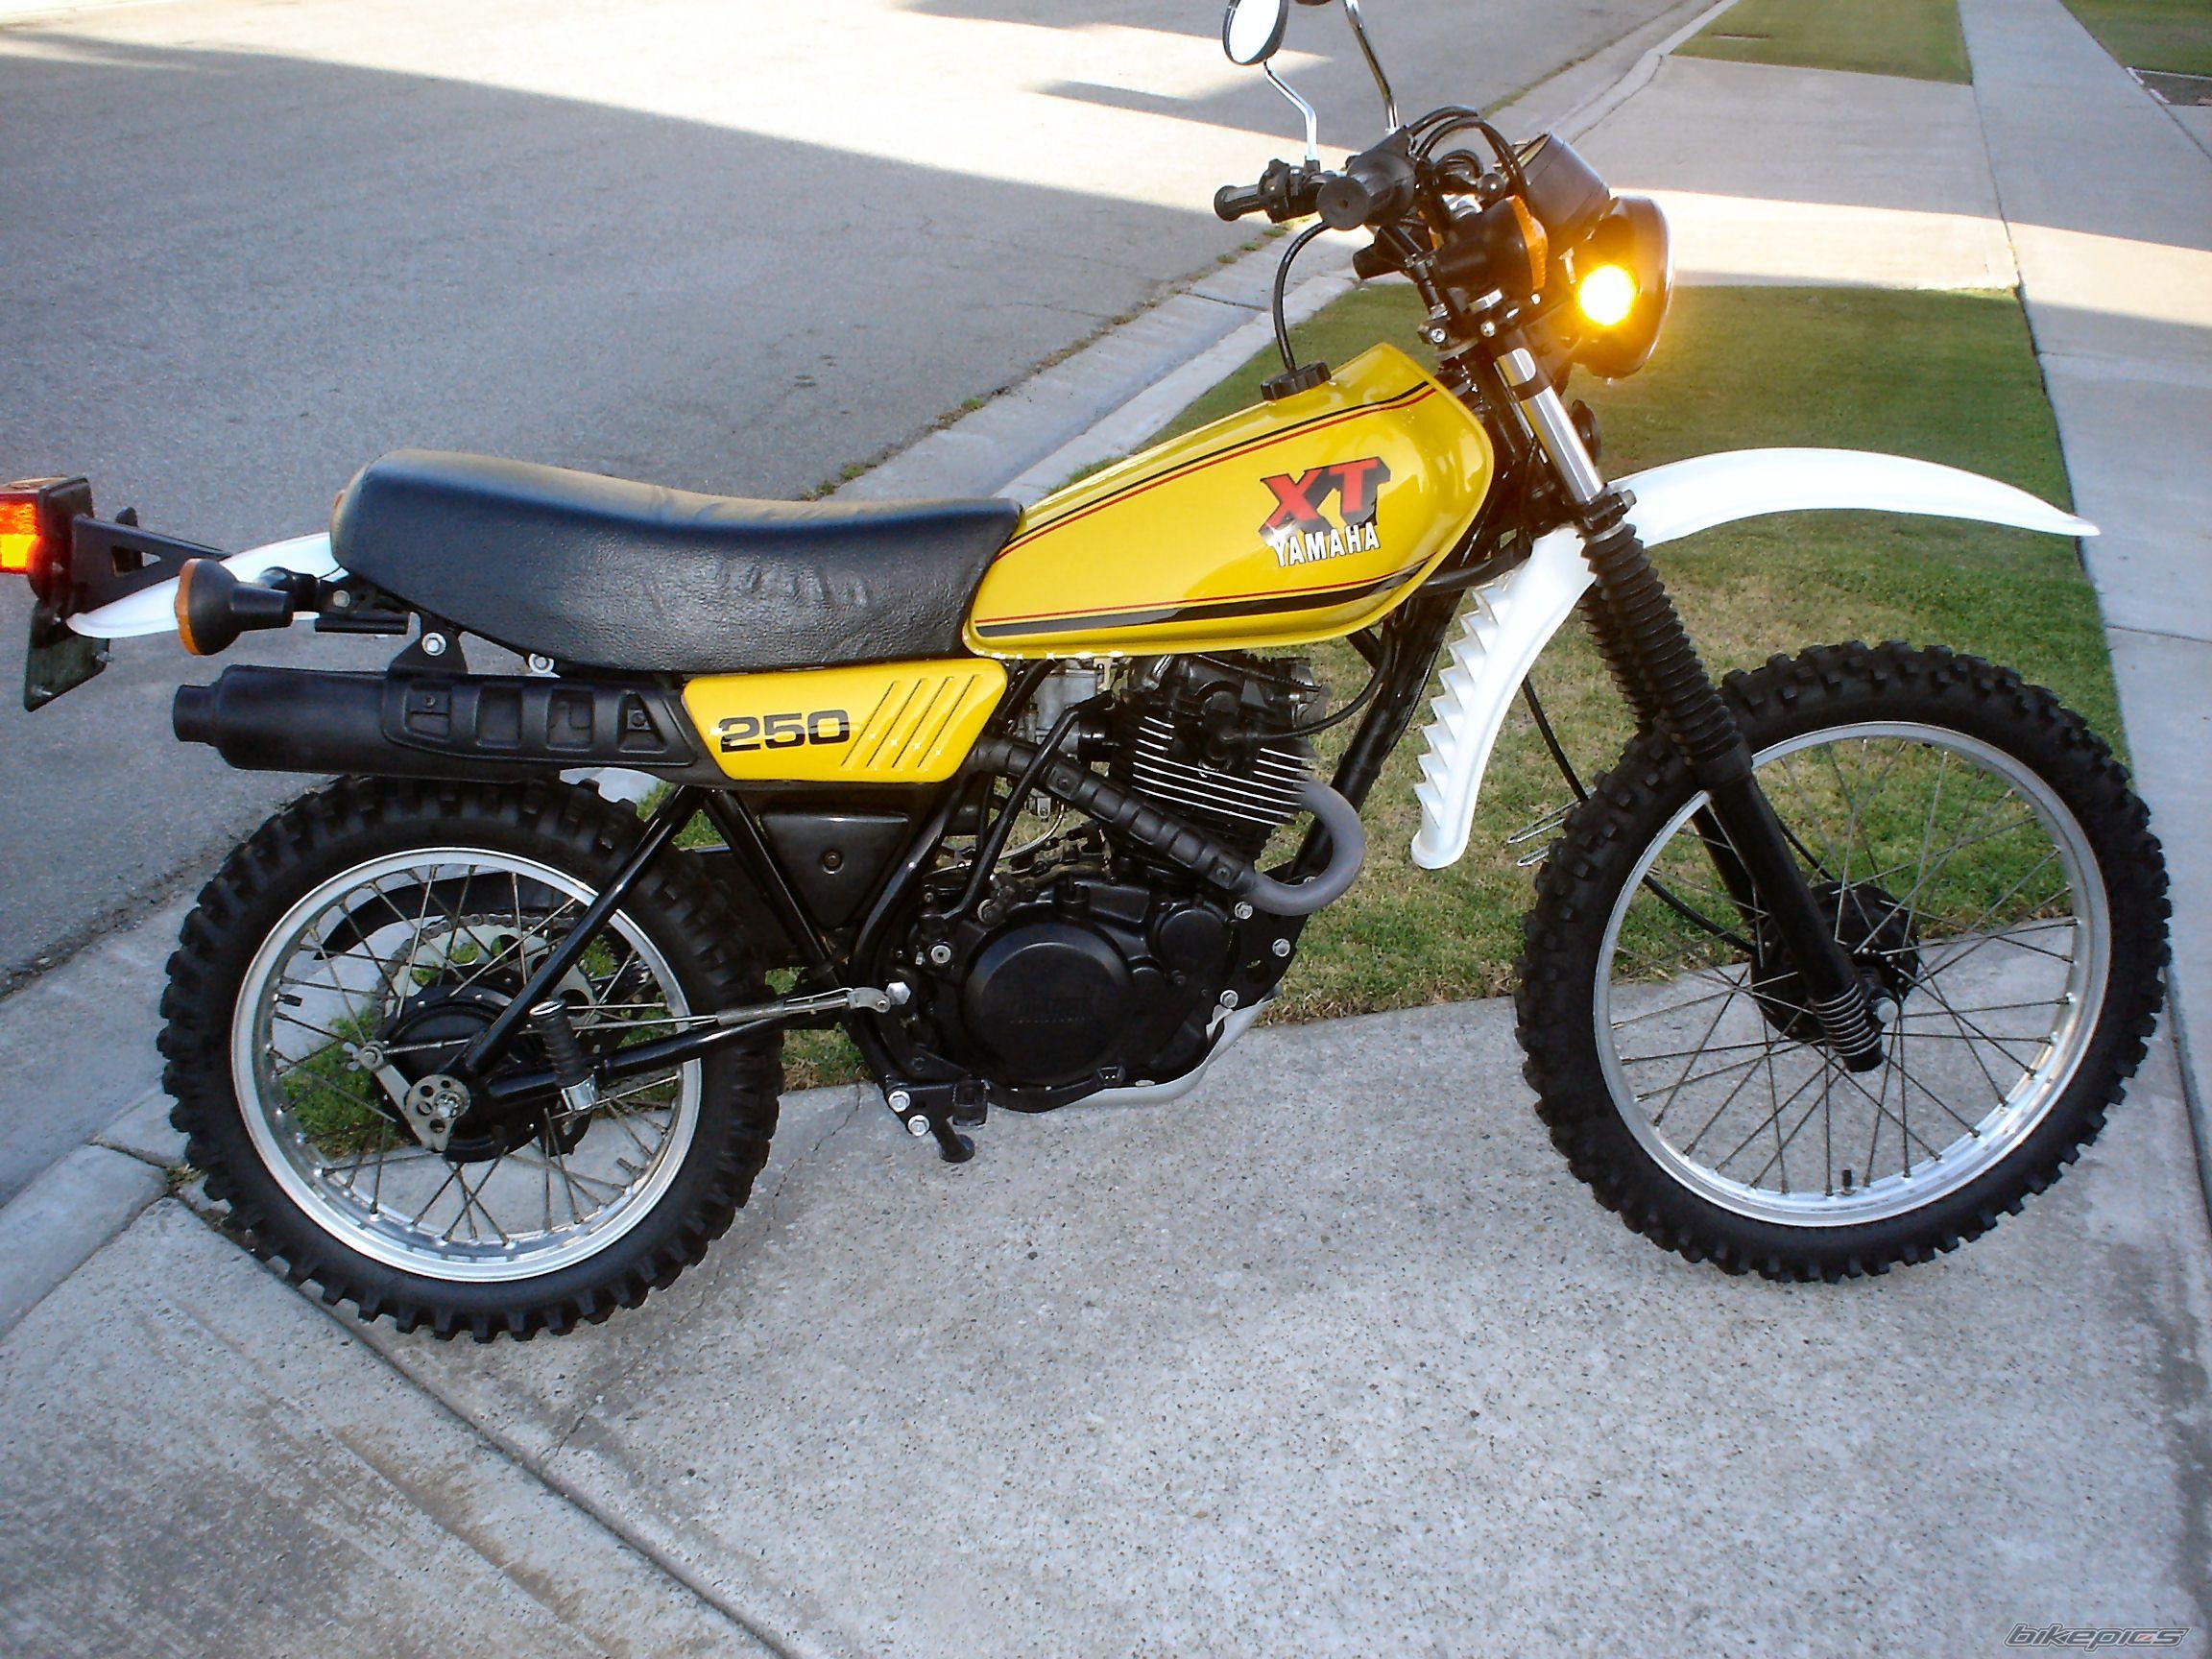 Collauss S 1980 Yamaha Xt 250 Yamaha Bikes Yamaha Classic Bikes